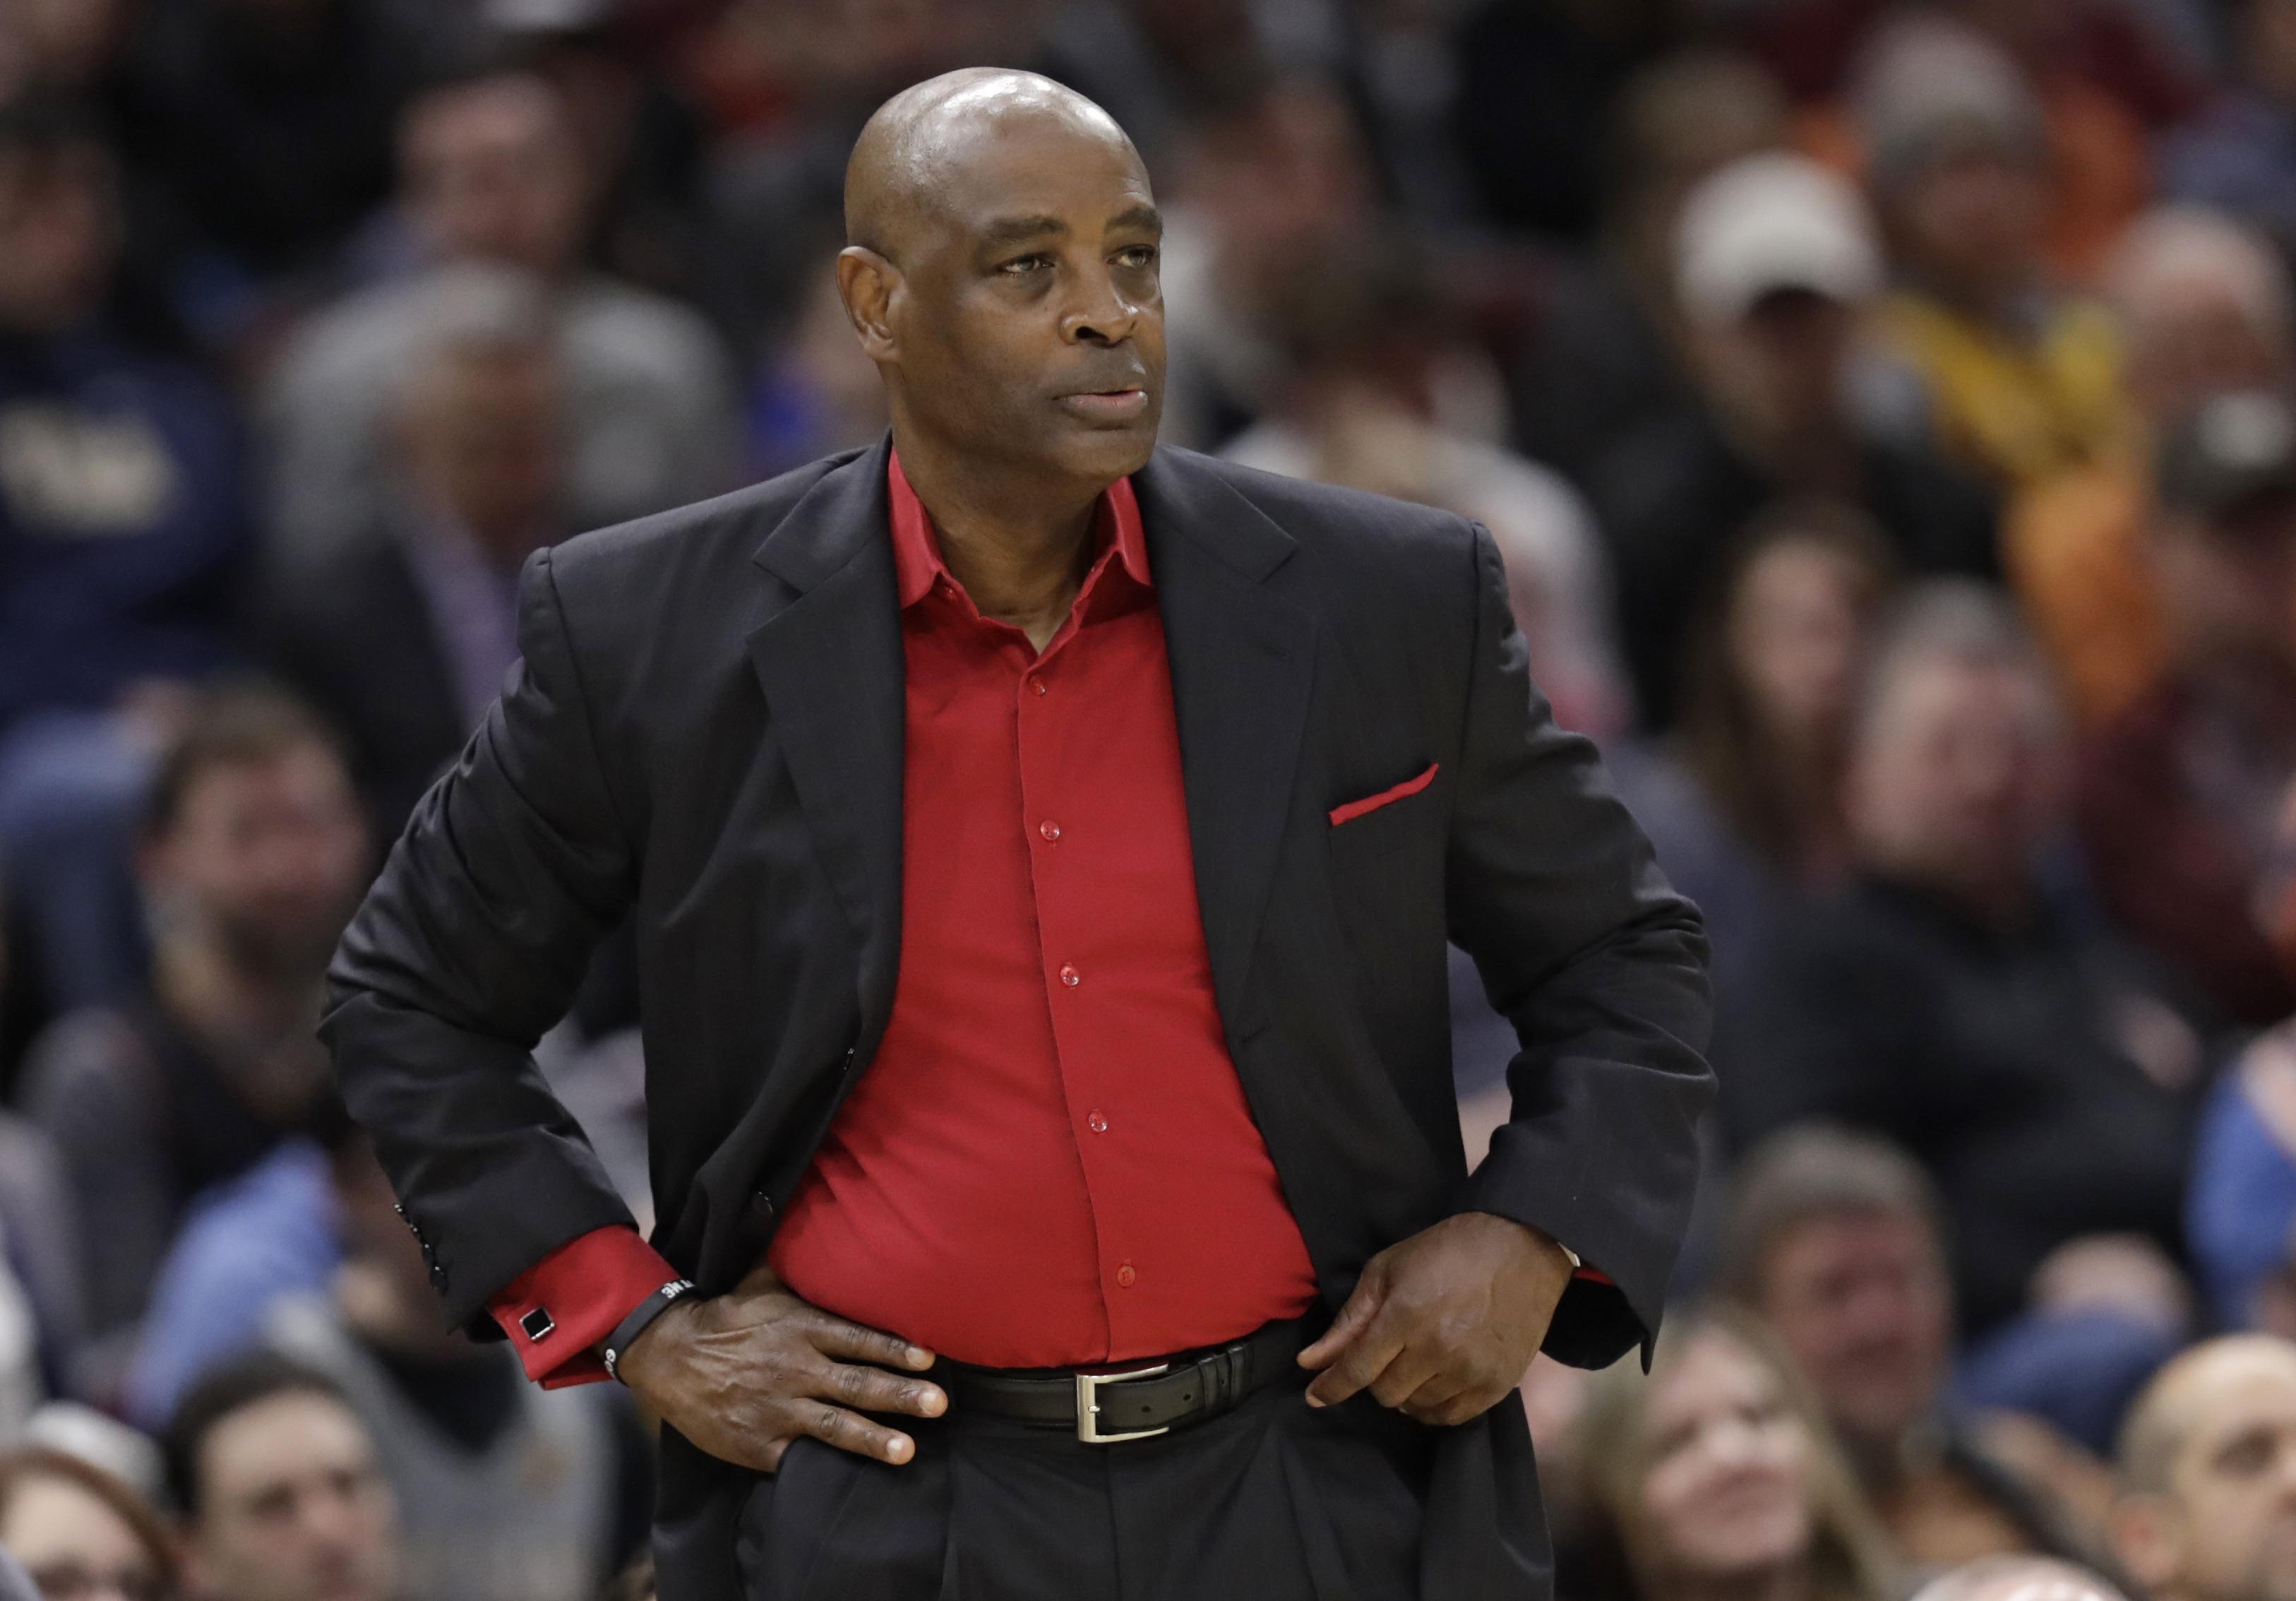 En plena reconstrucción, Cavaliers rompen con su entrenador